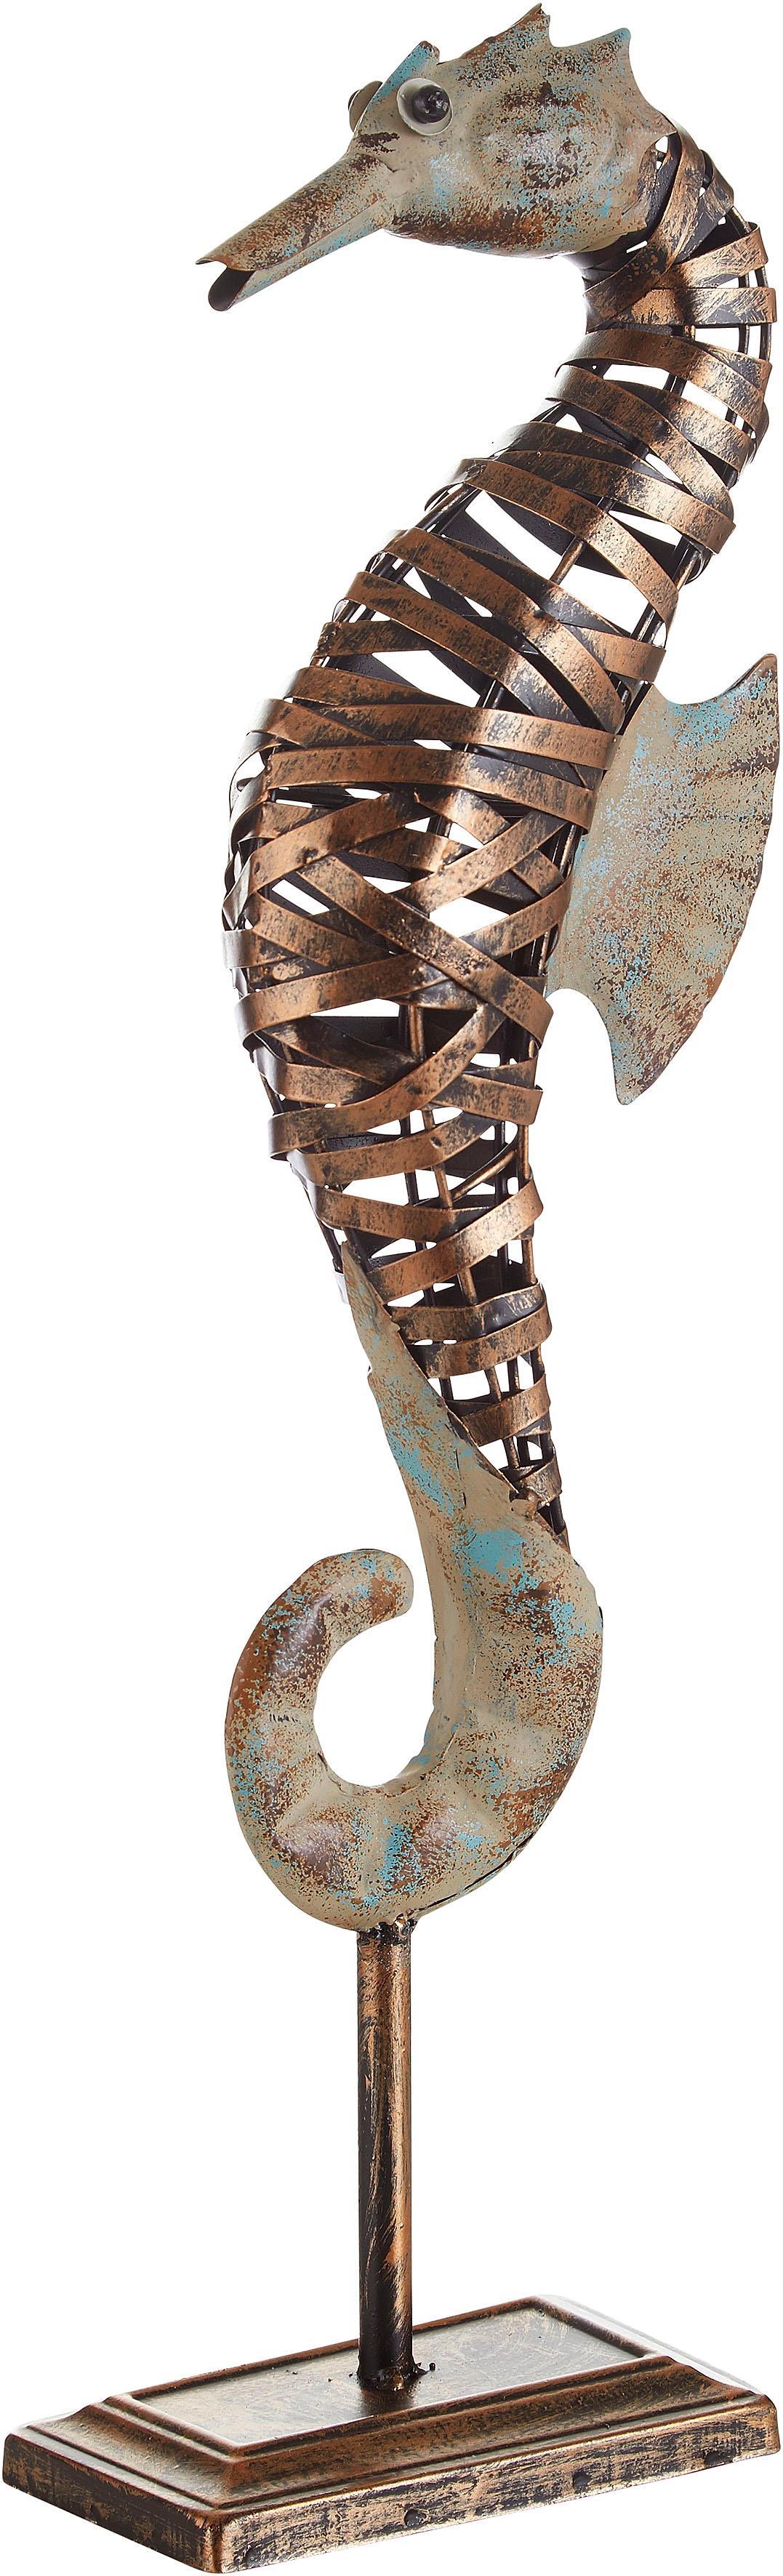 Home affaire Tierfigur, Seepferdchen grau Tierfiguren Figuren Skulpturen Wohnaccessoires Tierfigur